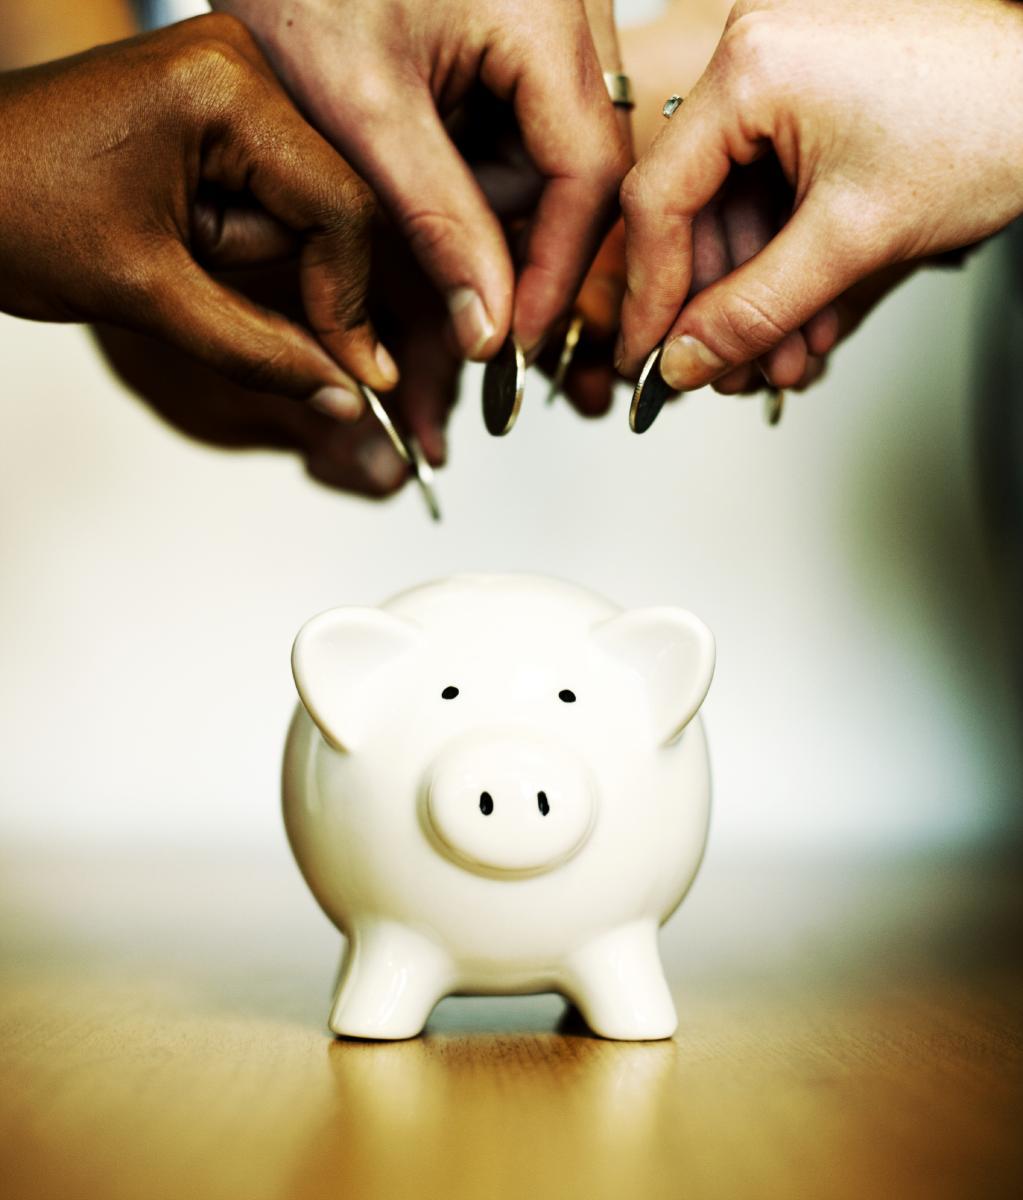 Households Savings - Where do Indian households invest?